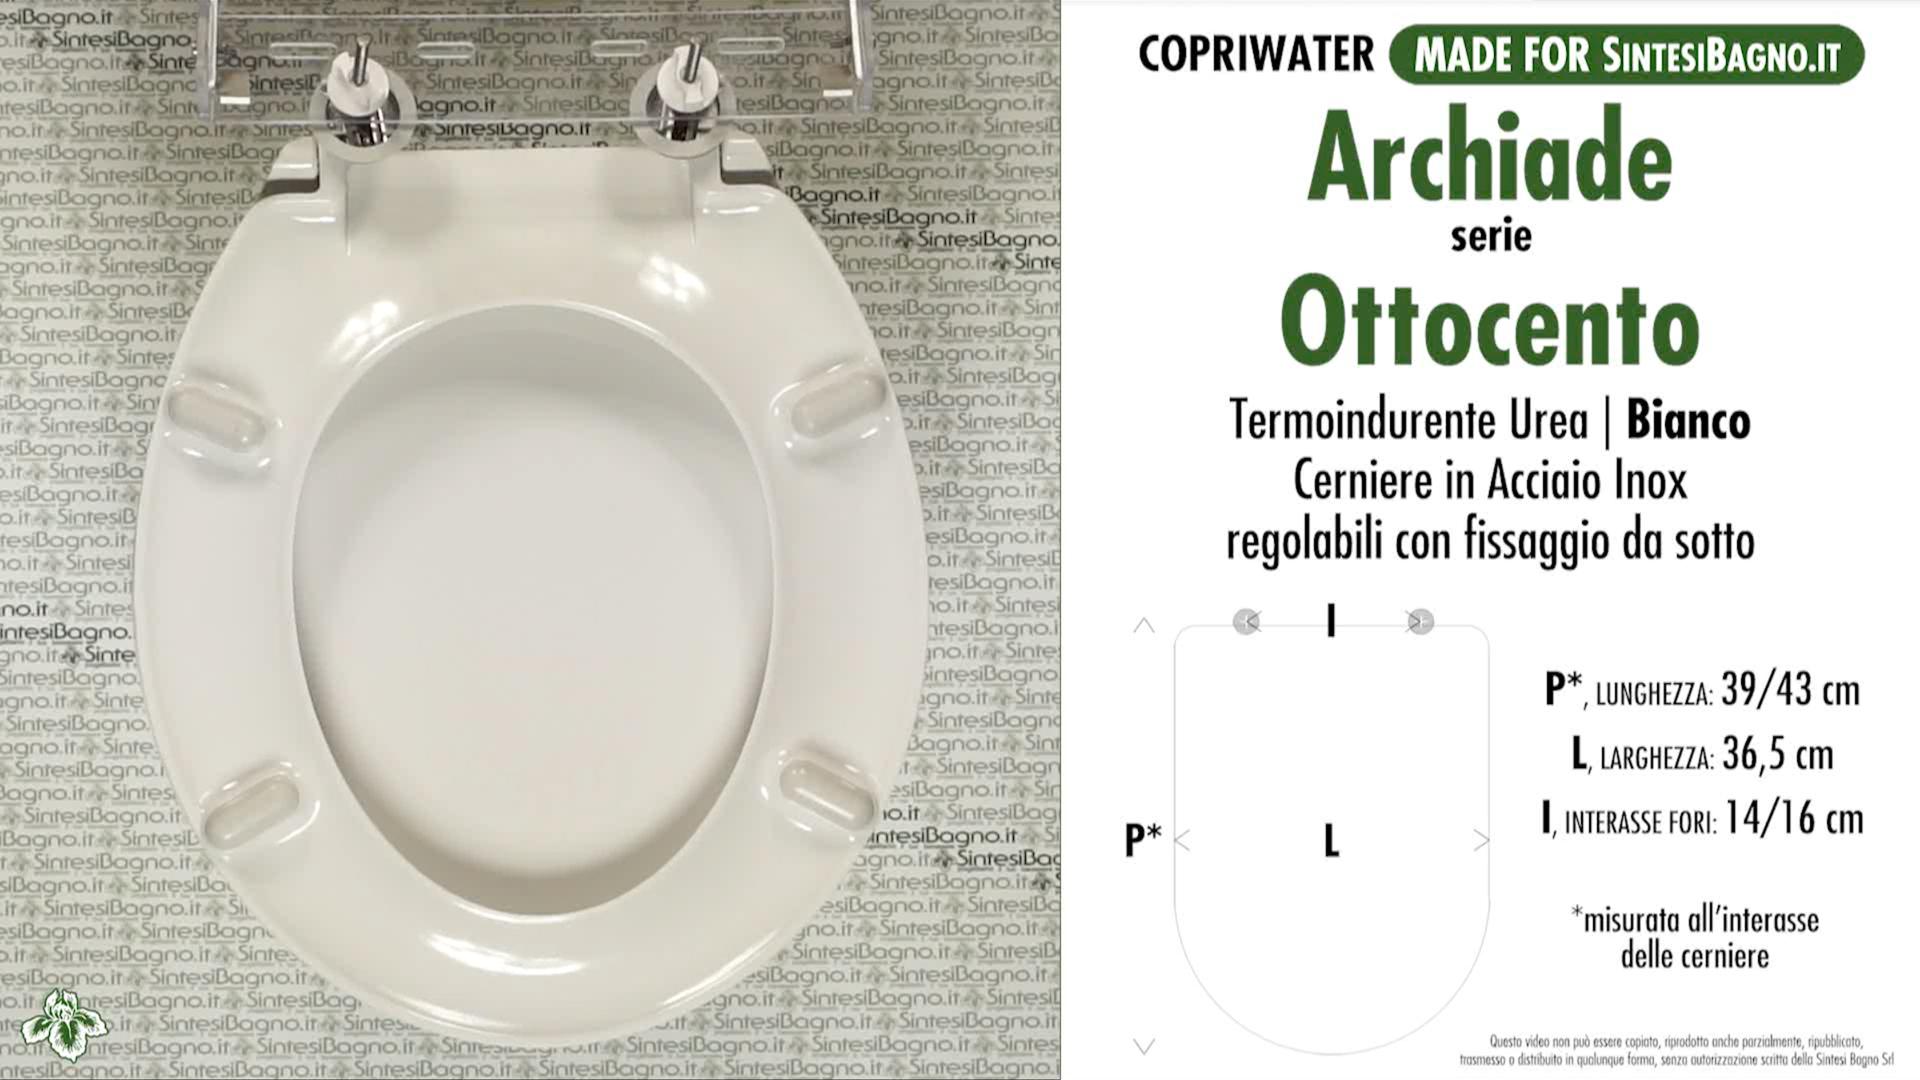 SCHEDA TECNICA MISURE copriwater ARCHIADE OTTOCENTO